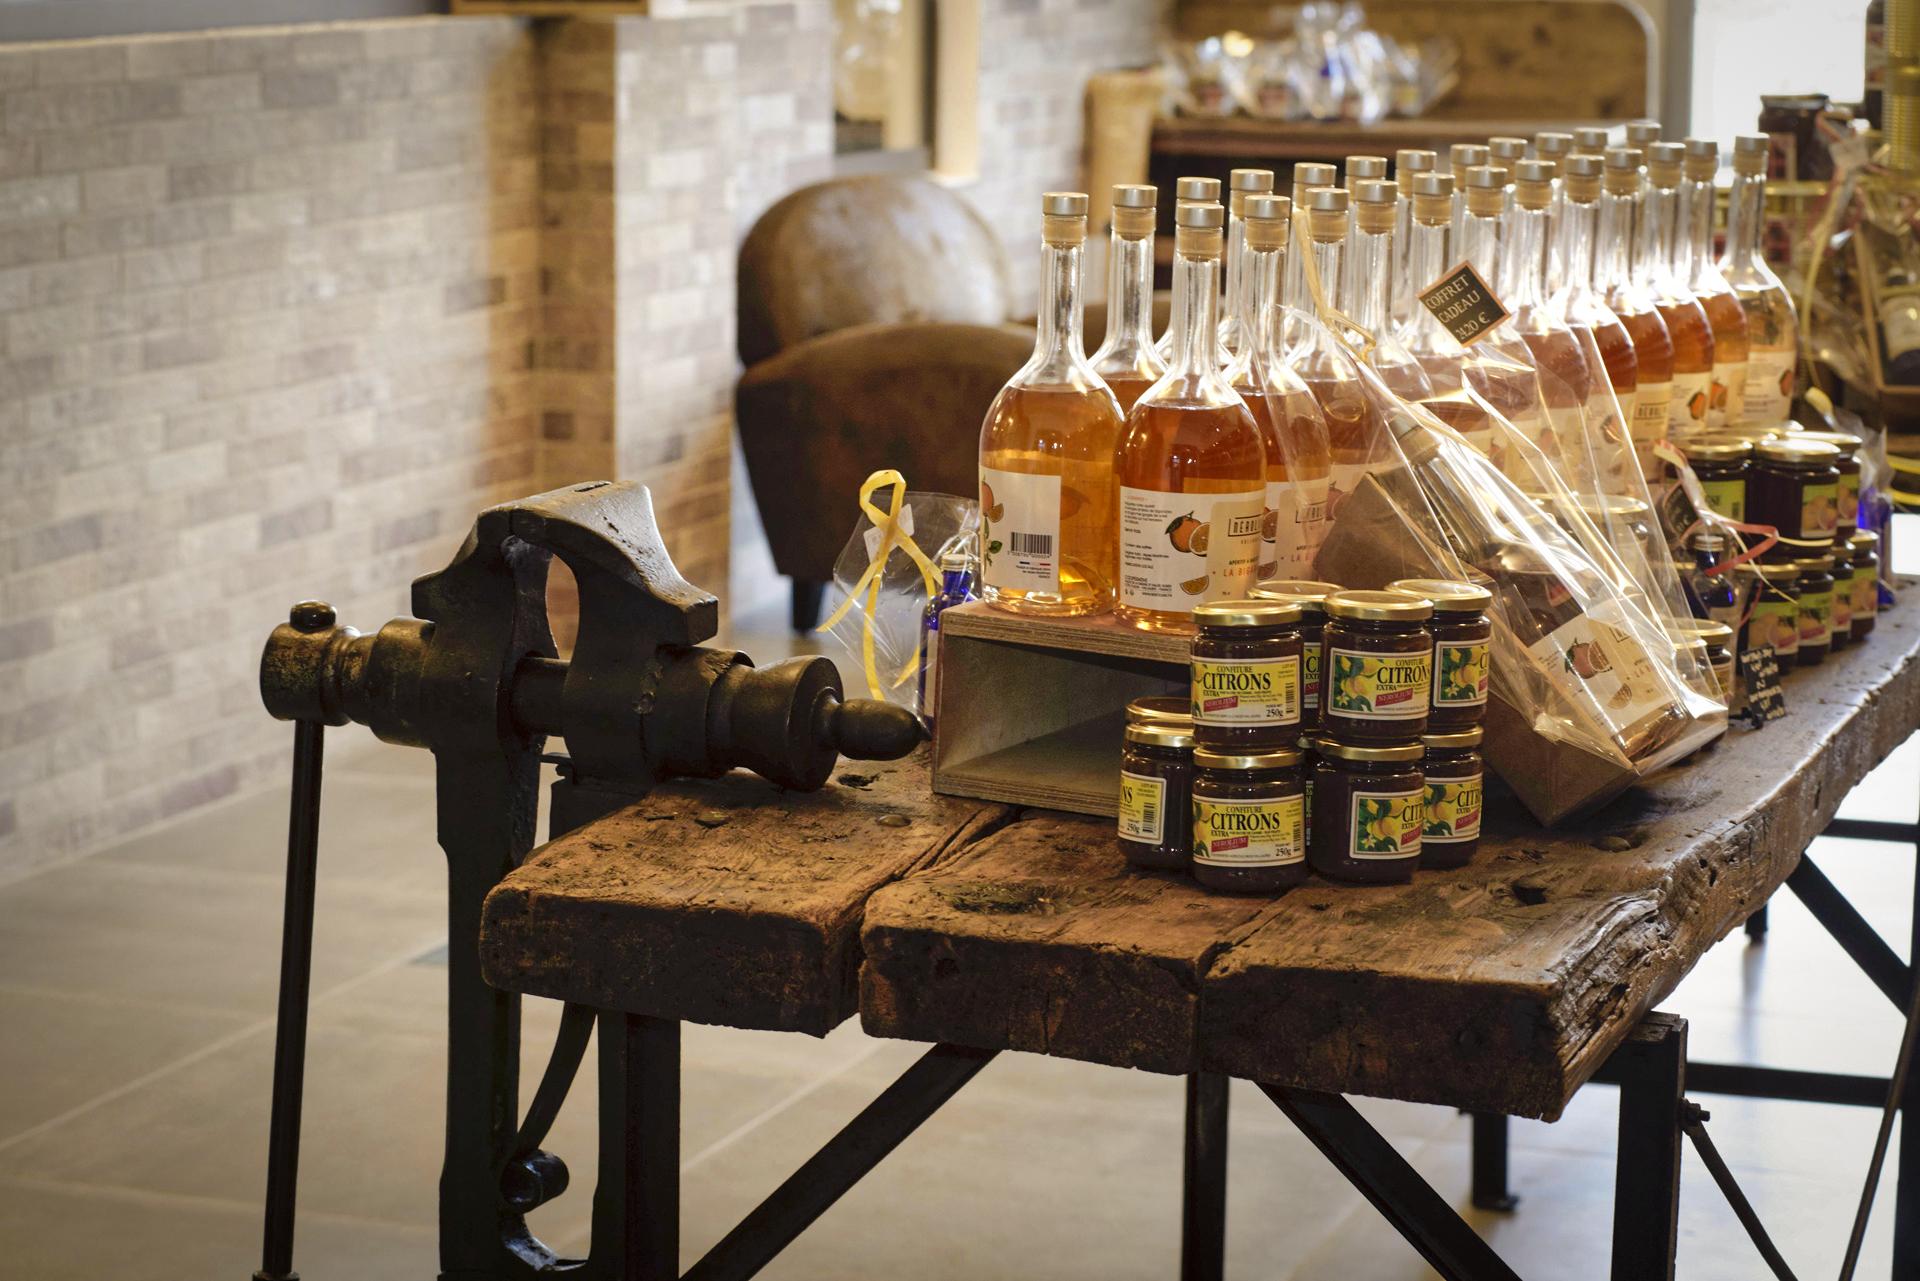 Sauver les distilleries de fleurs d'orangers – (parution La France Agricole du 6.11.2020)